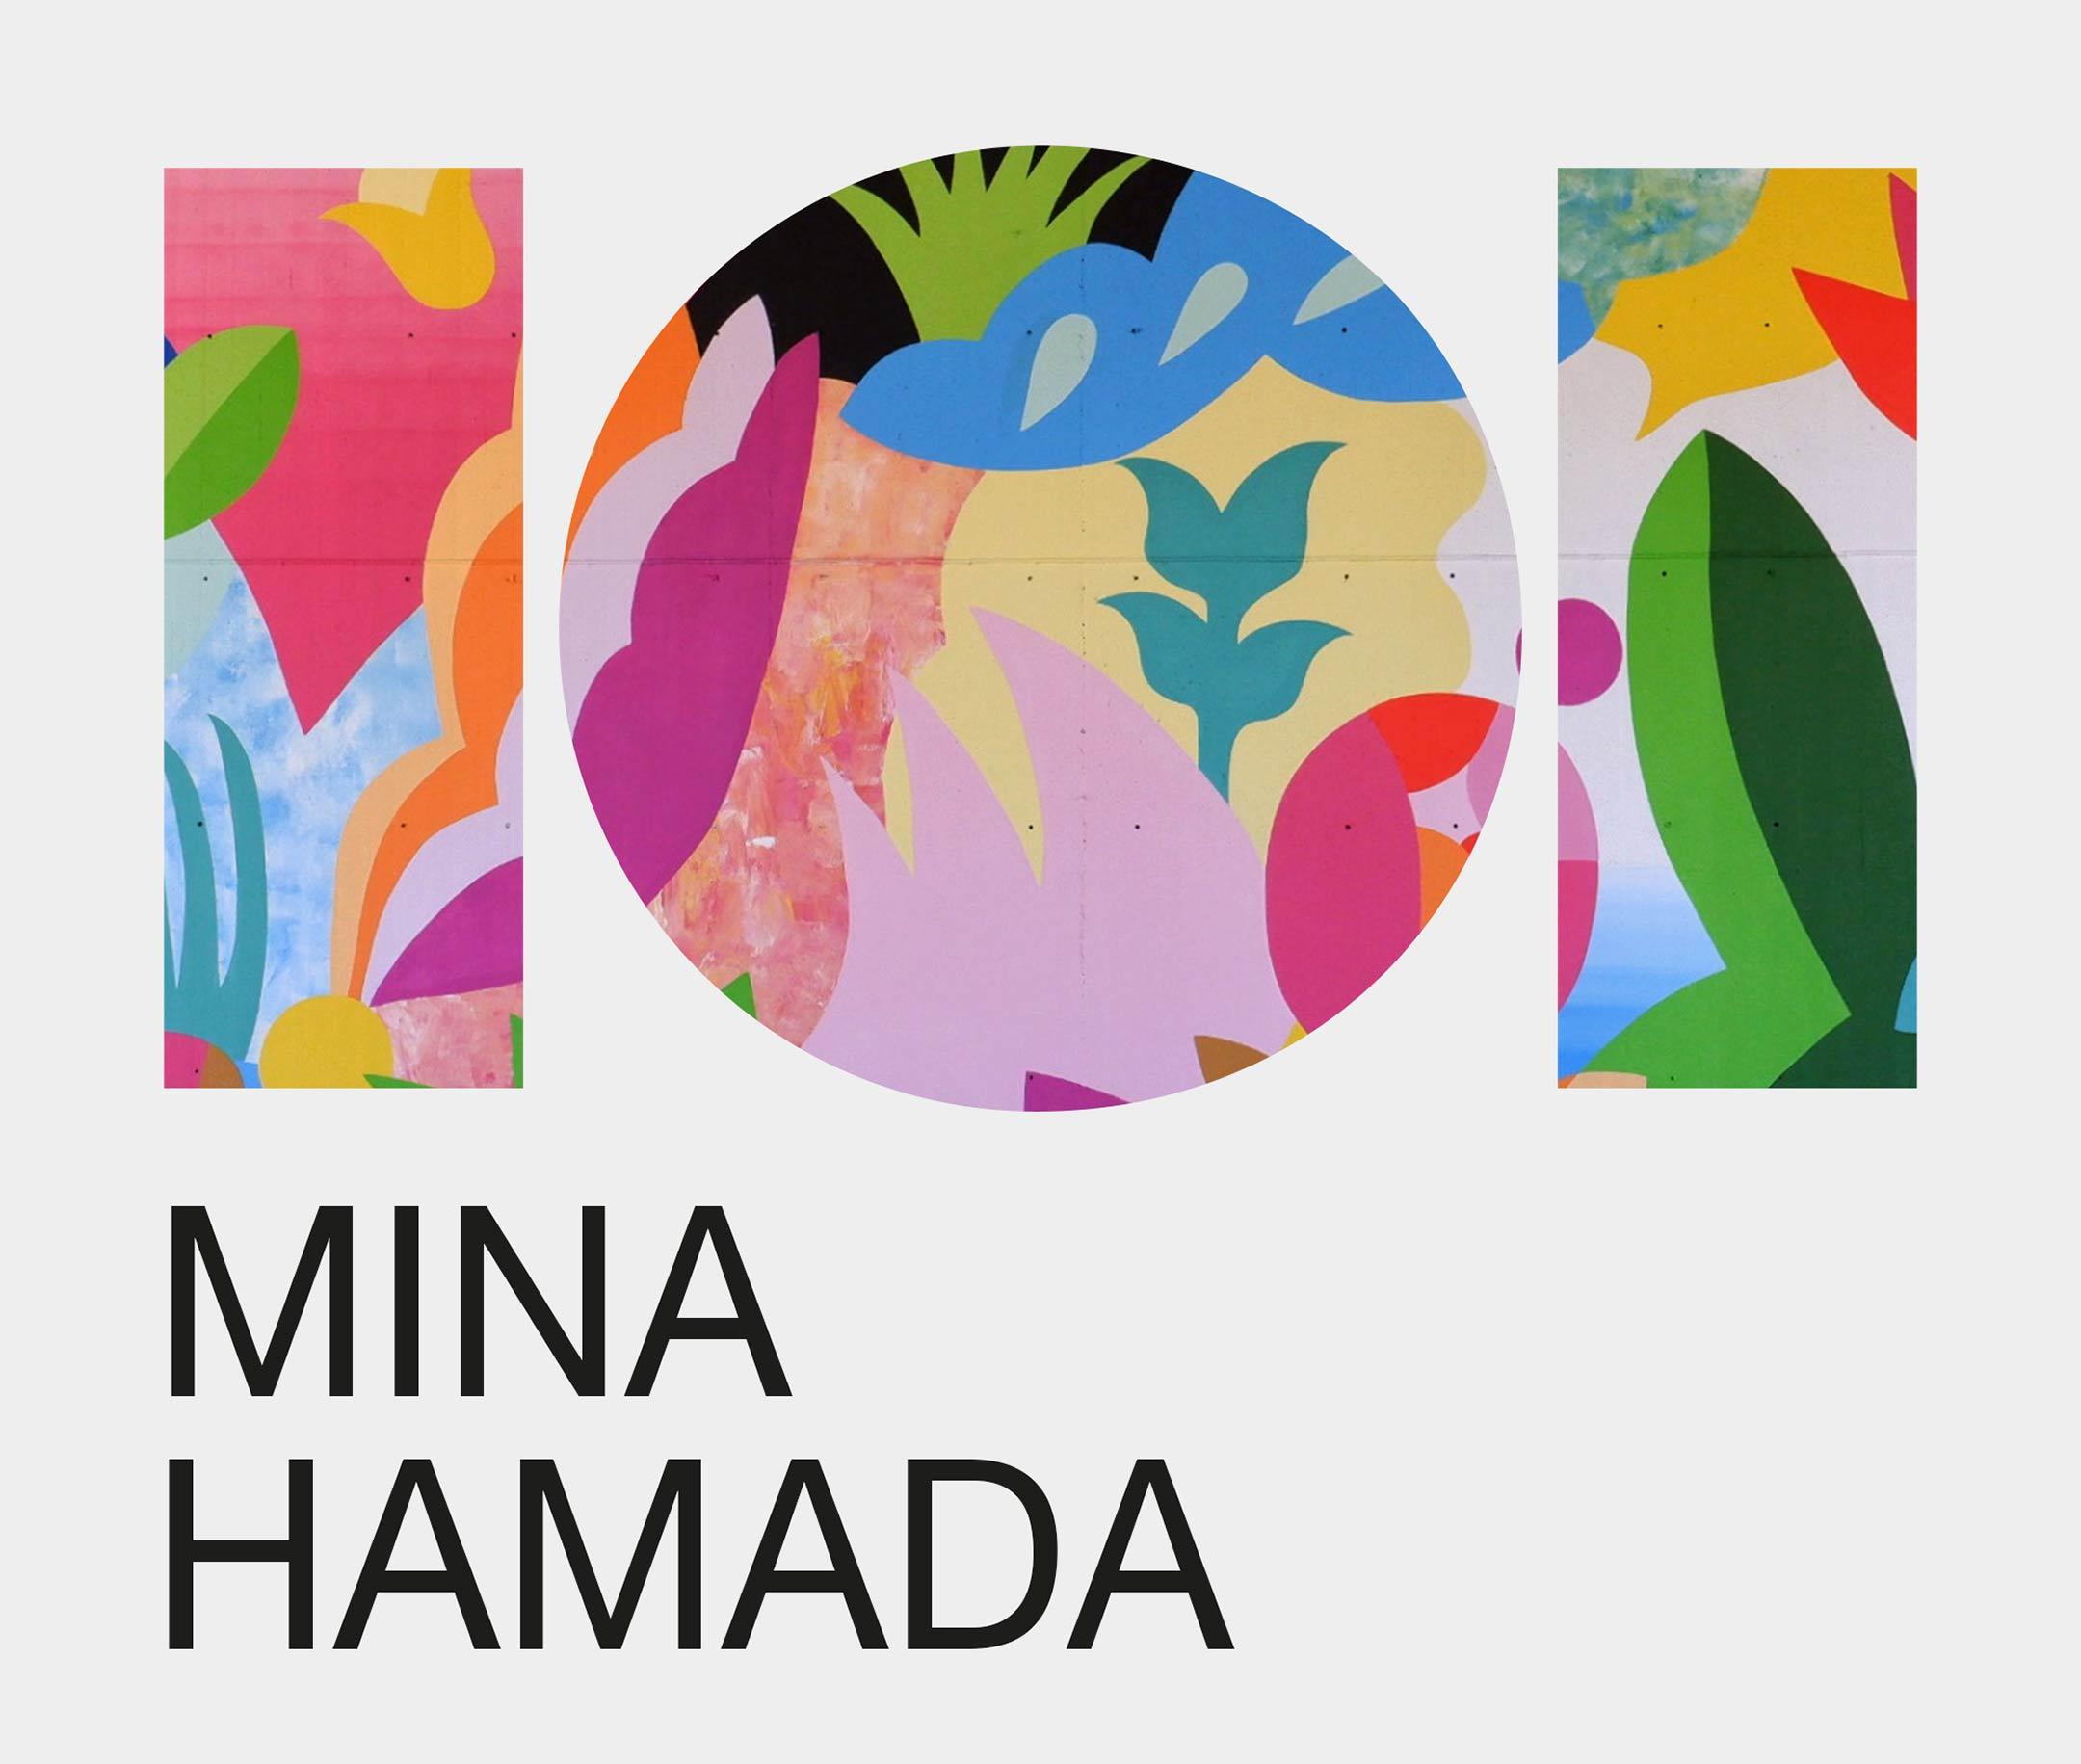 MINA-HAMADA_IG